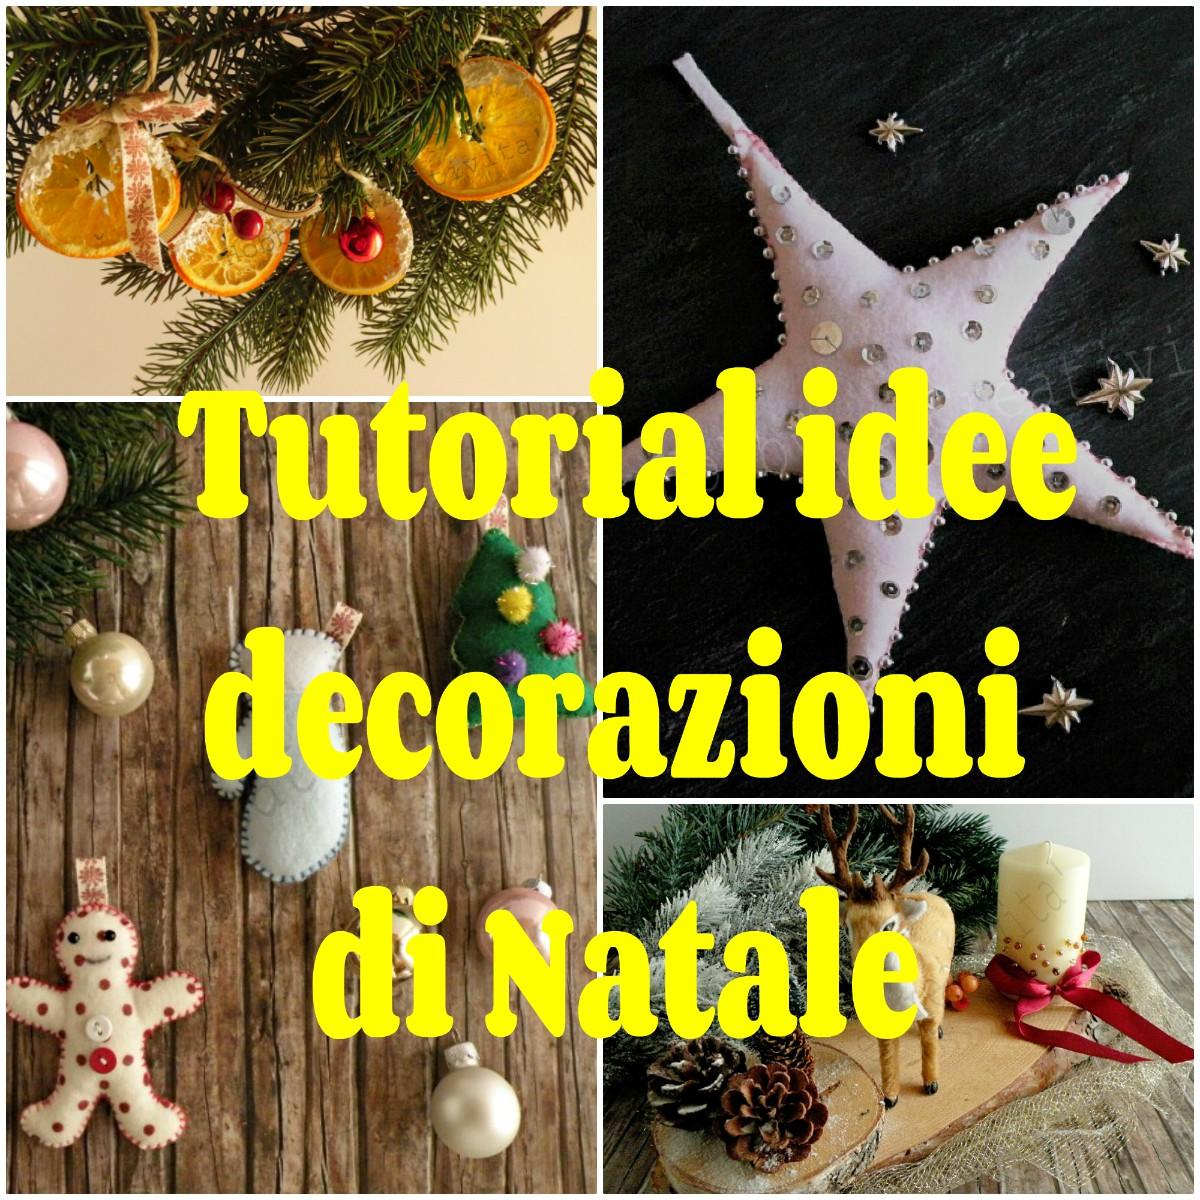 Idee Creative Per Natale idee per decorazioni di natale - hobby e creatività